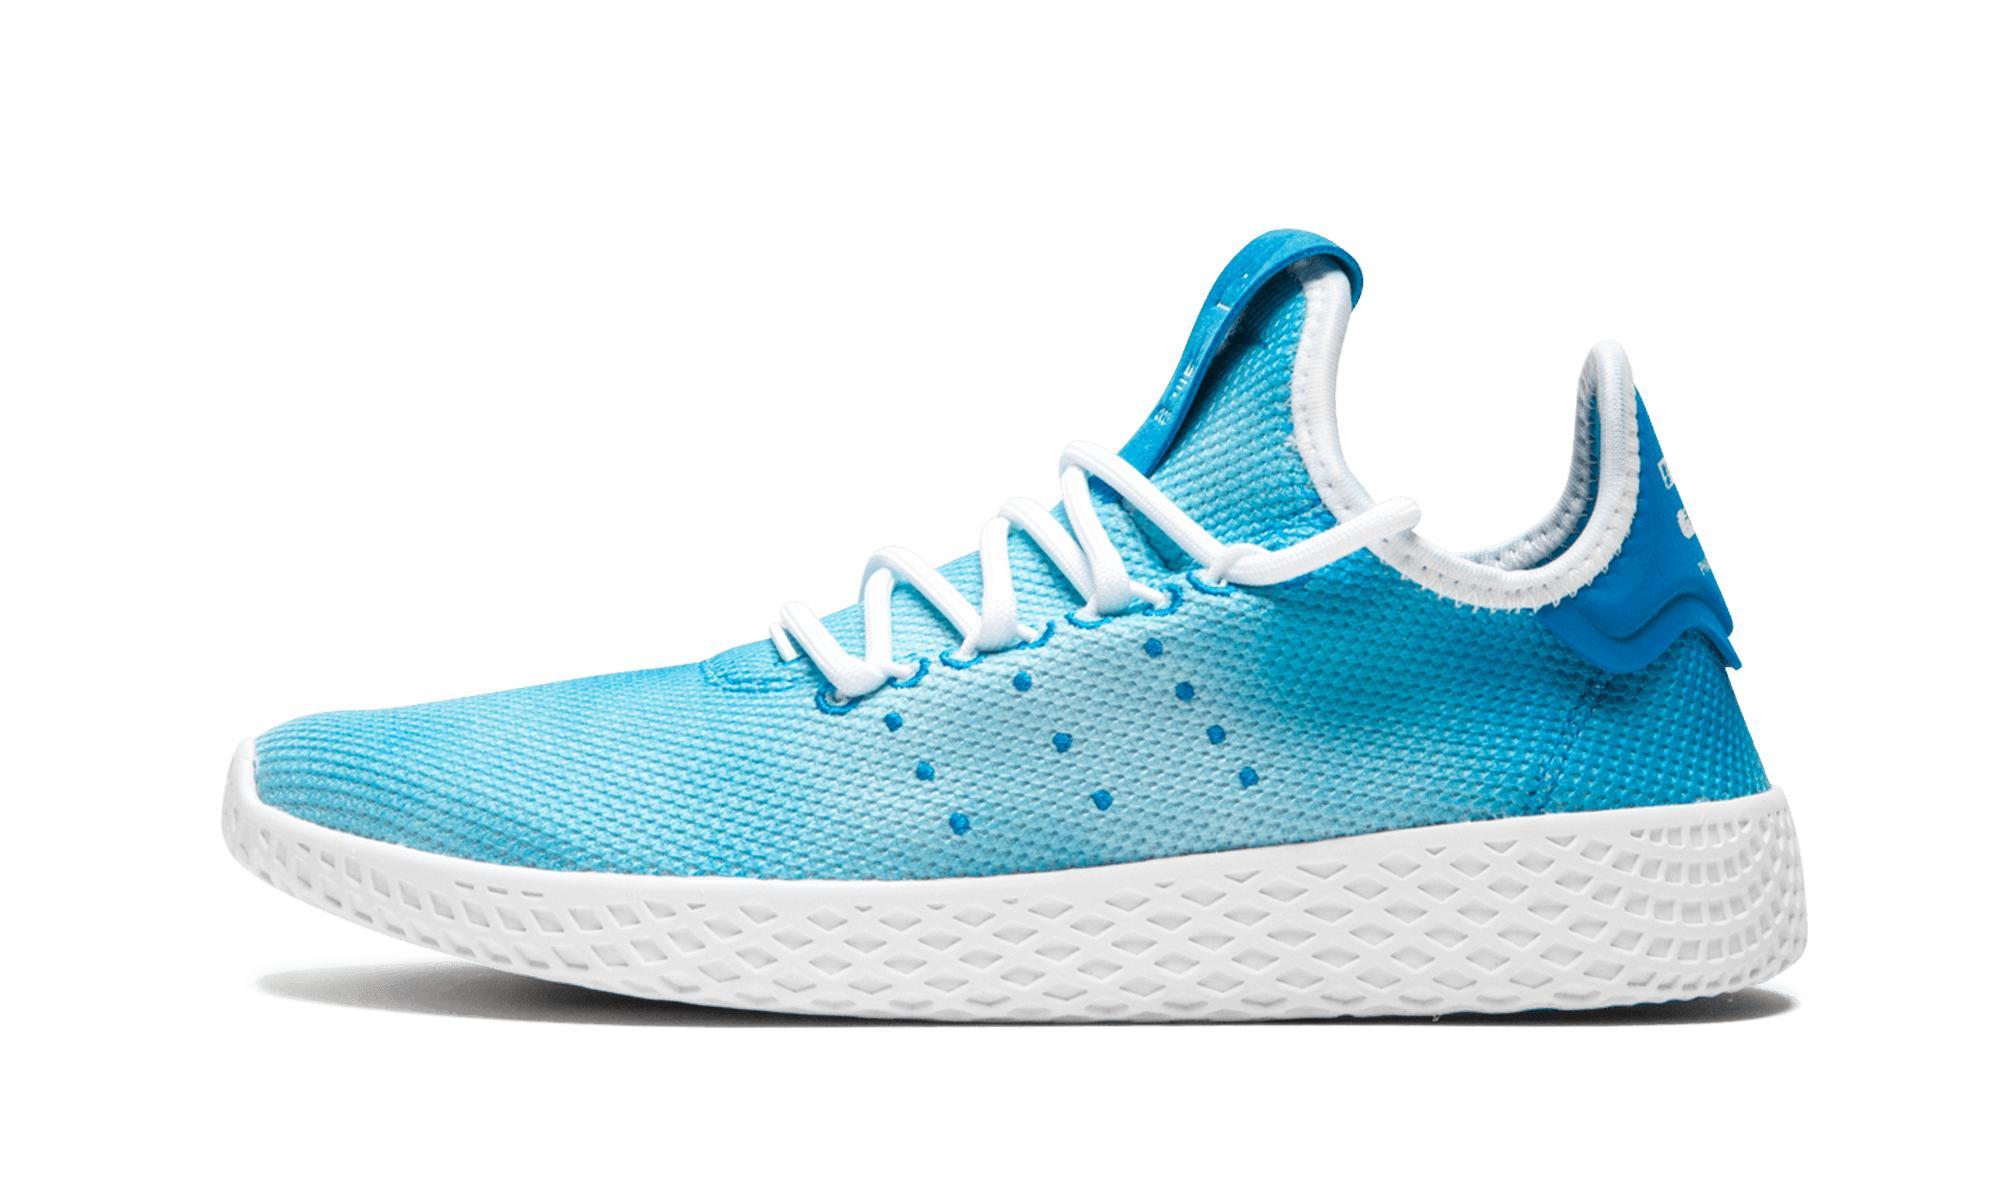 Adidas Pharrell In Xat48z Williams J Hu Tennis Blue Lyst ptxdRfdqw